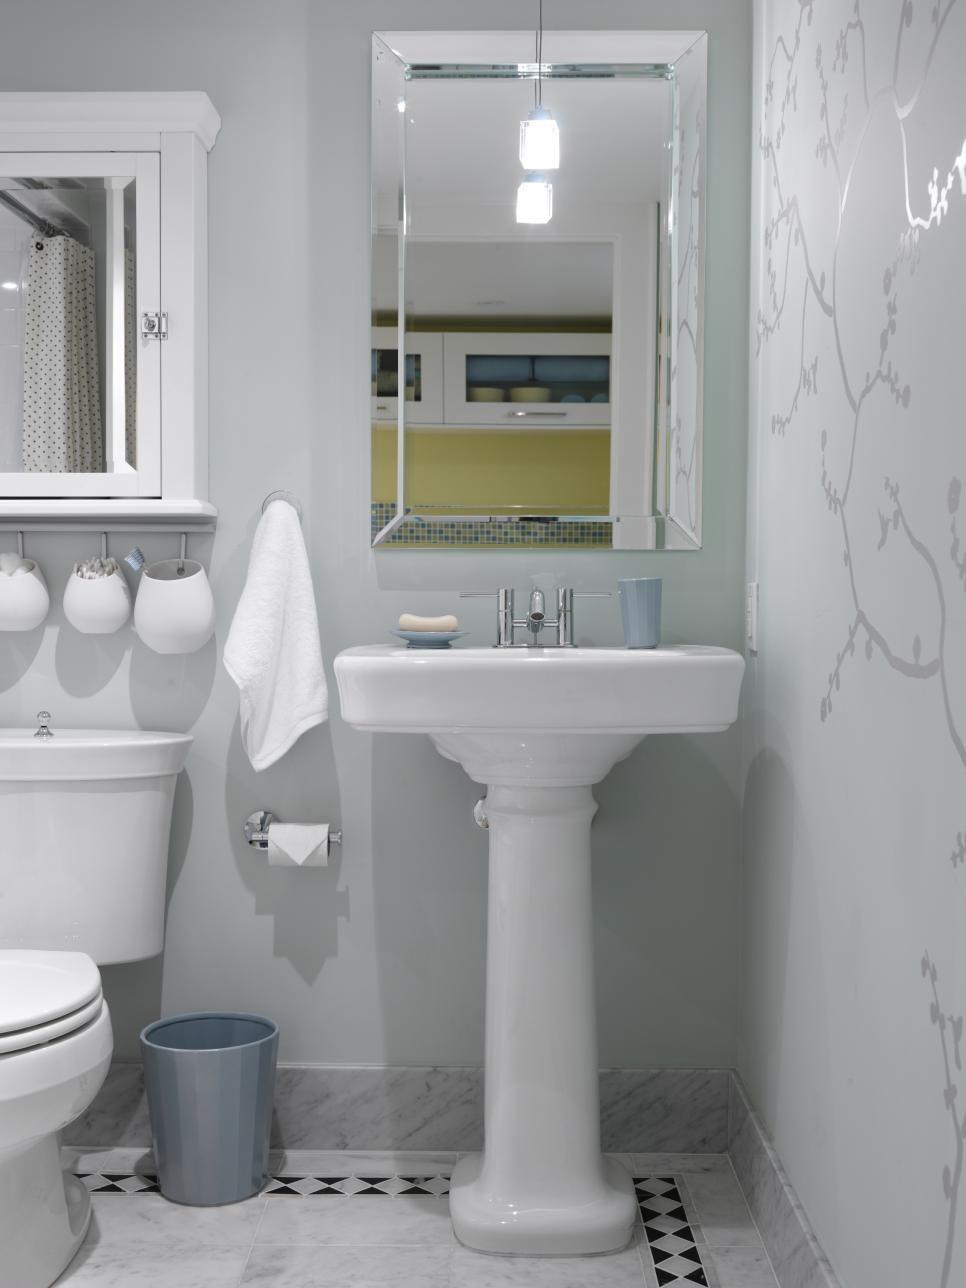 Optimieren Sie Ihren Raum Mit Diesen Smart Kleines Bad Ideen Badezimmer